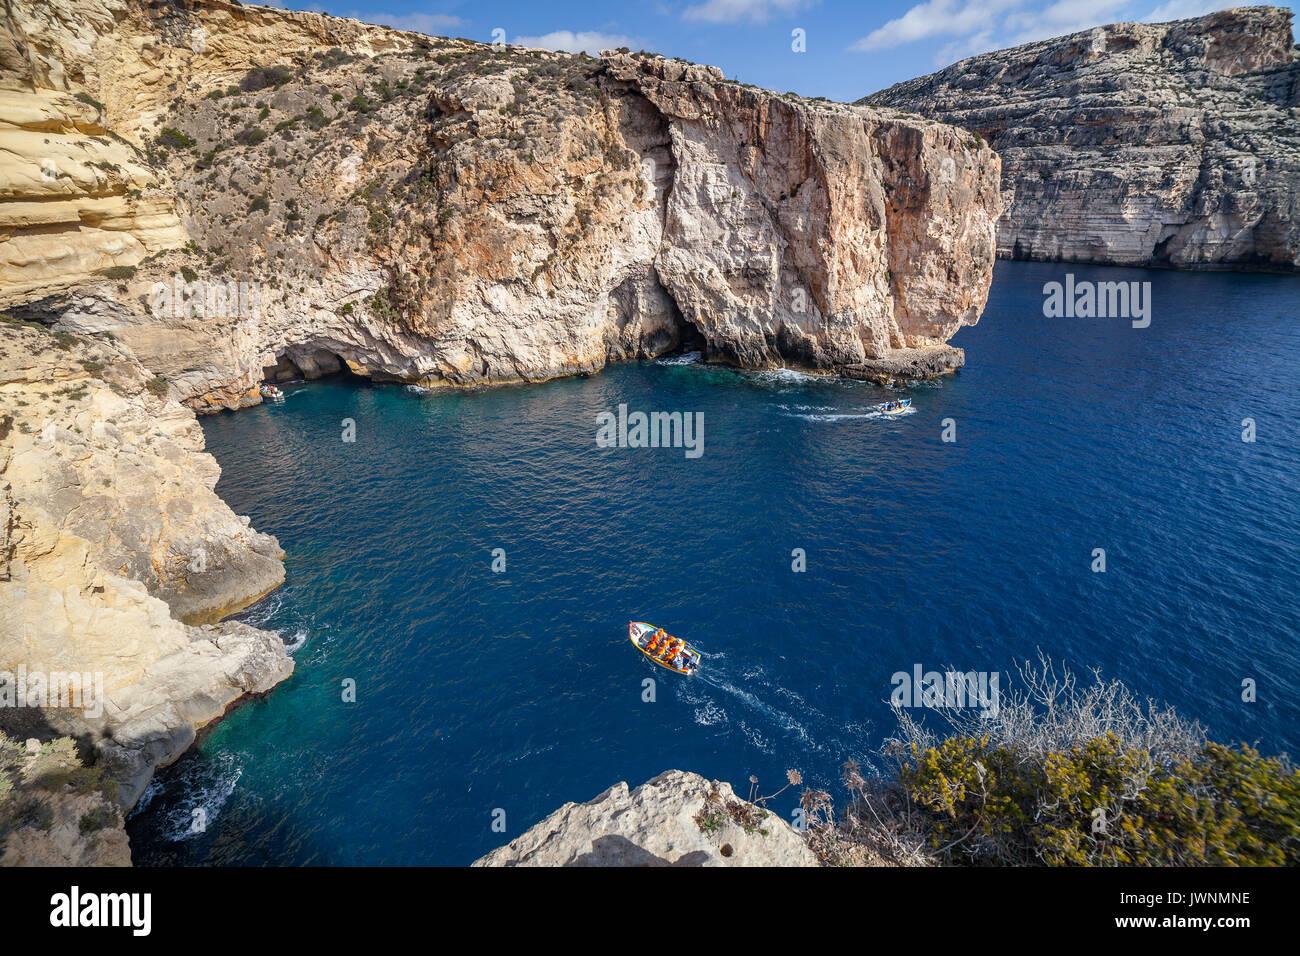 Viaje en barco alrededor de la Gruta Azul en Malta Imagen De Stock